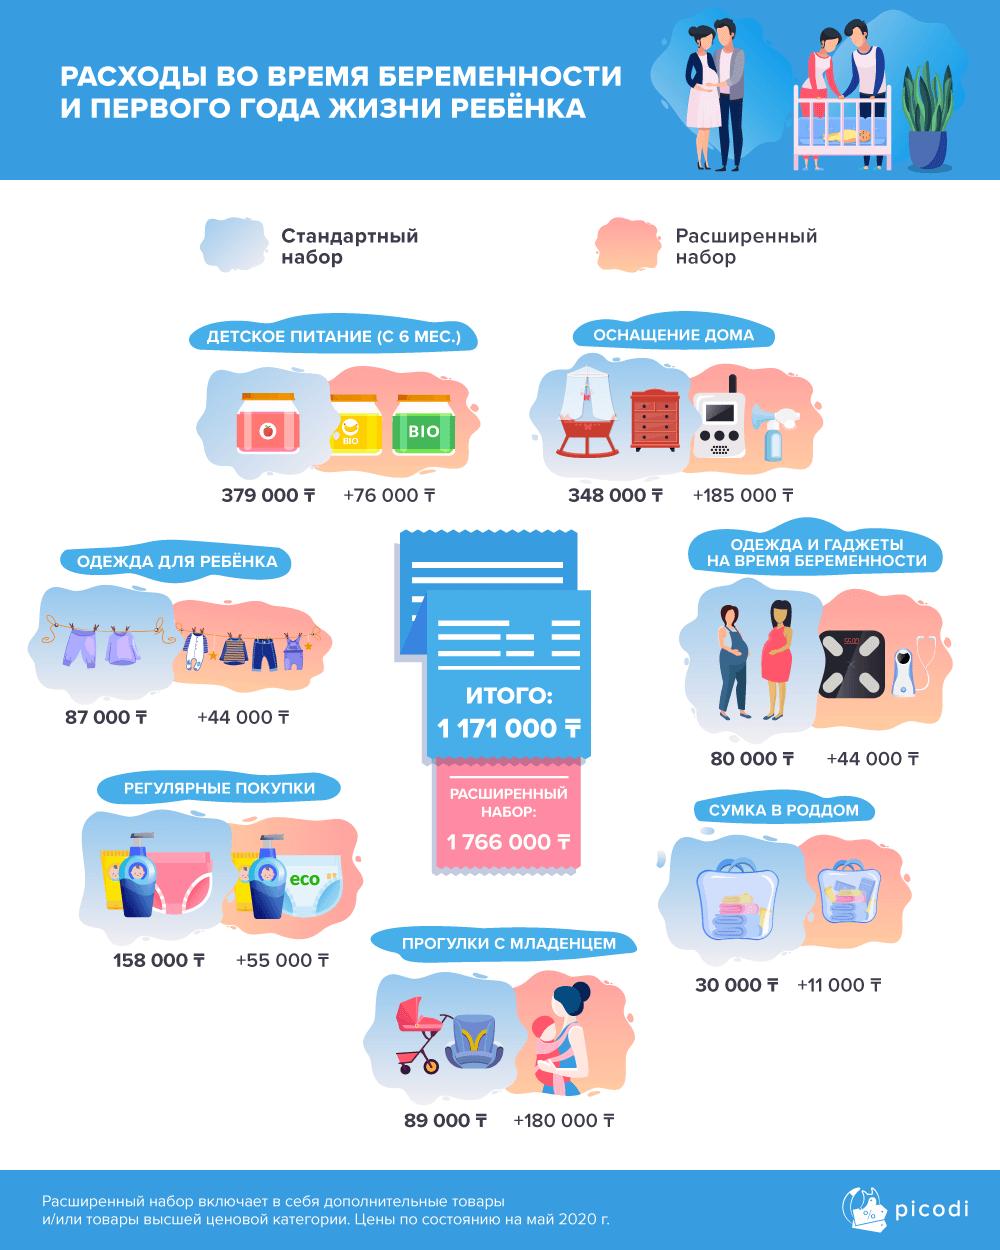 расходы во время беременности и первого года